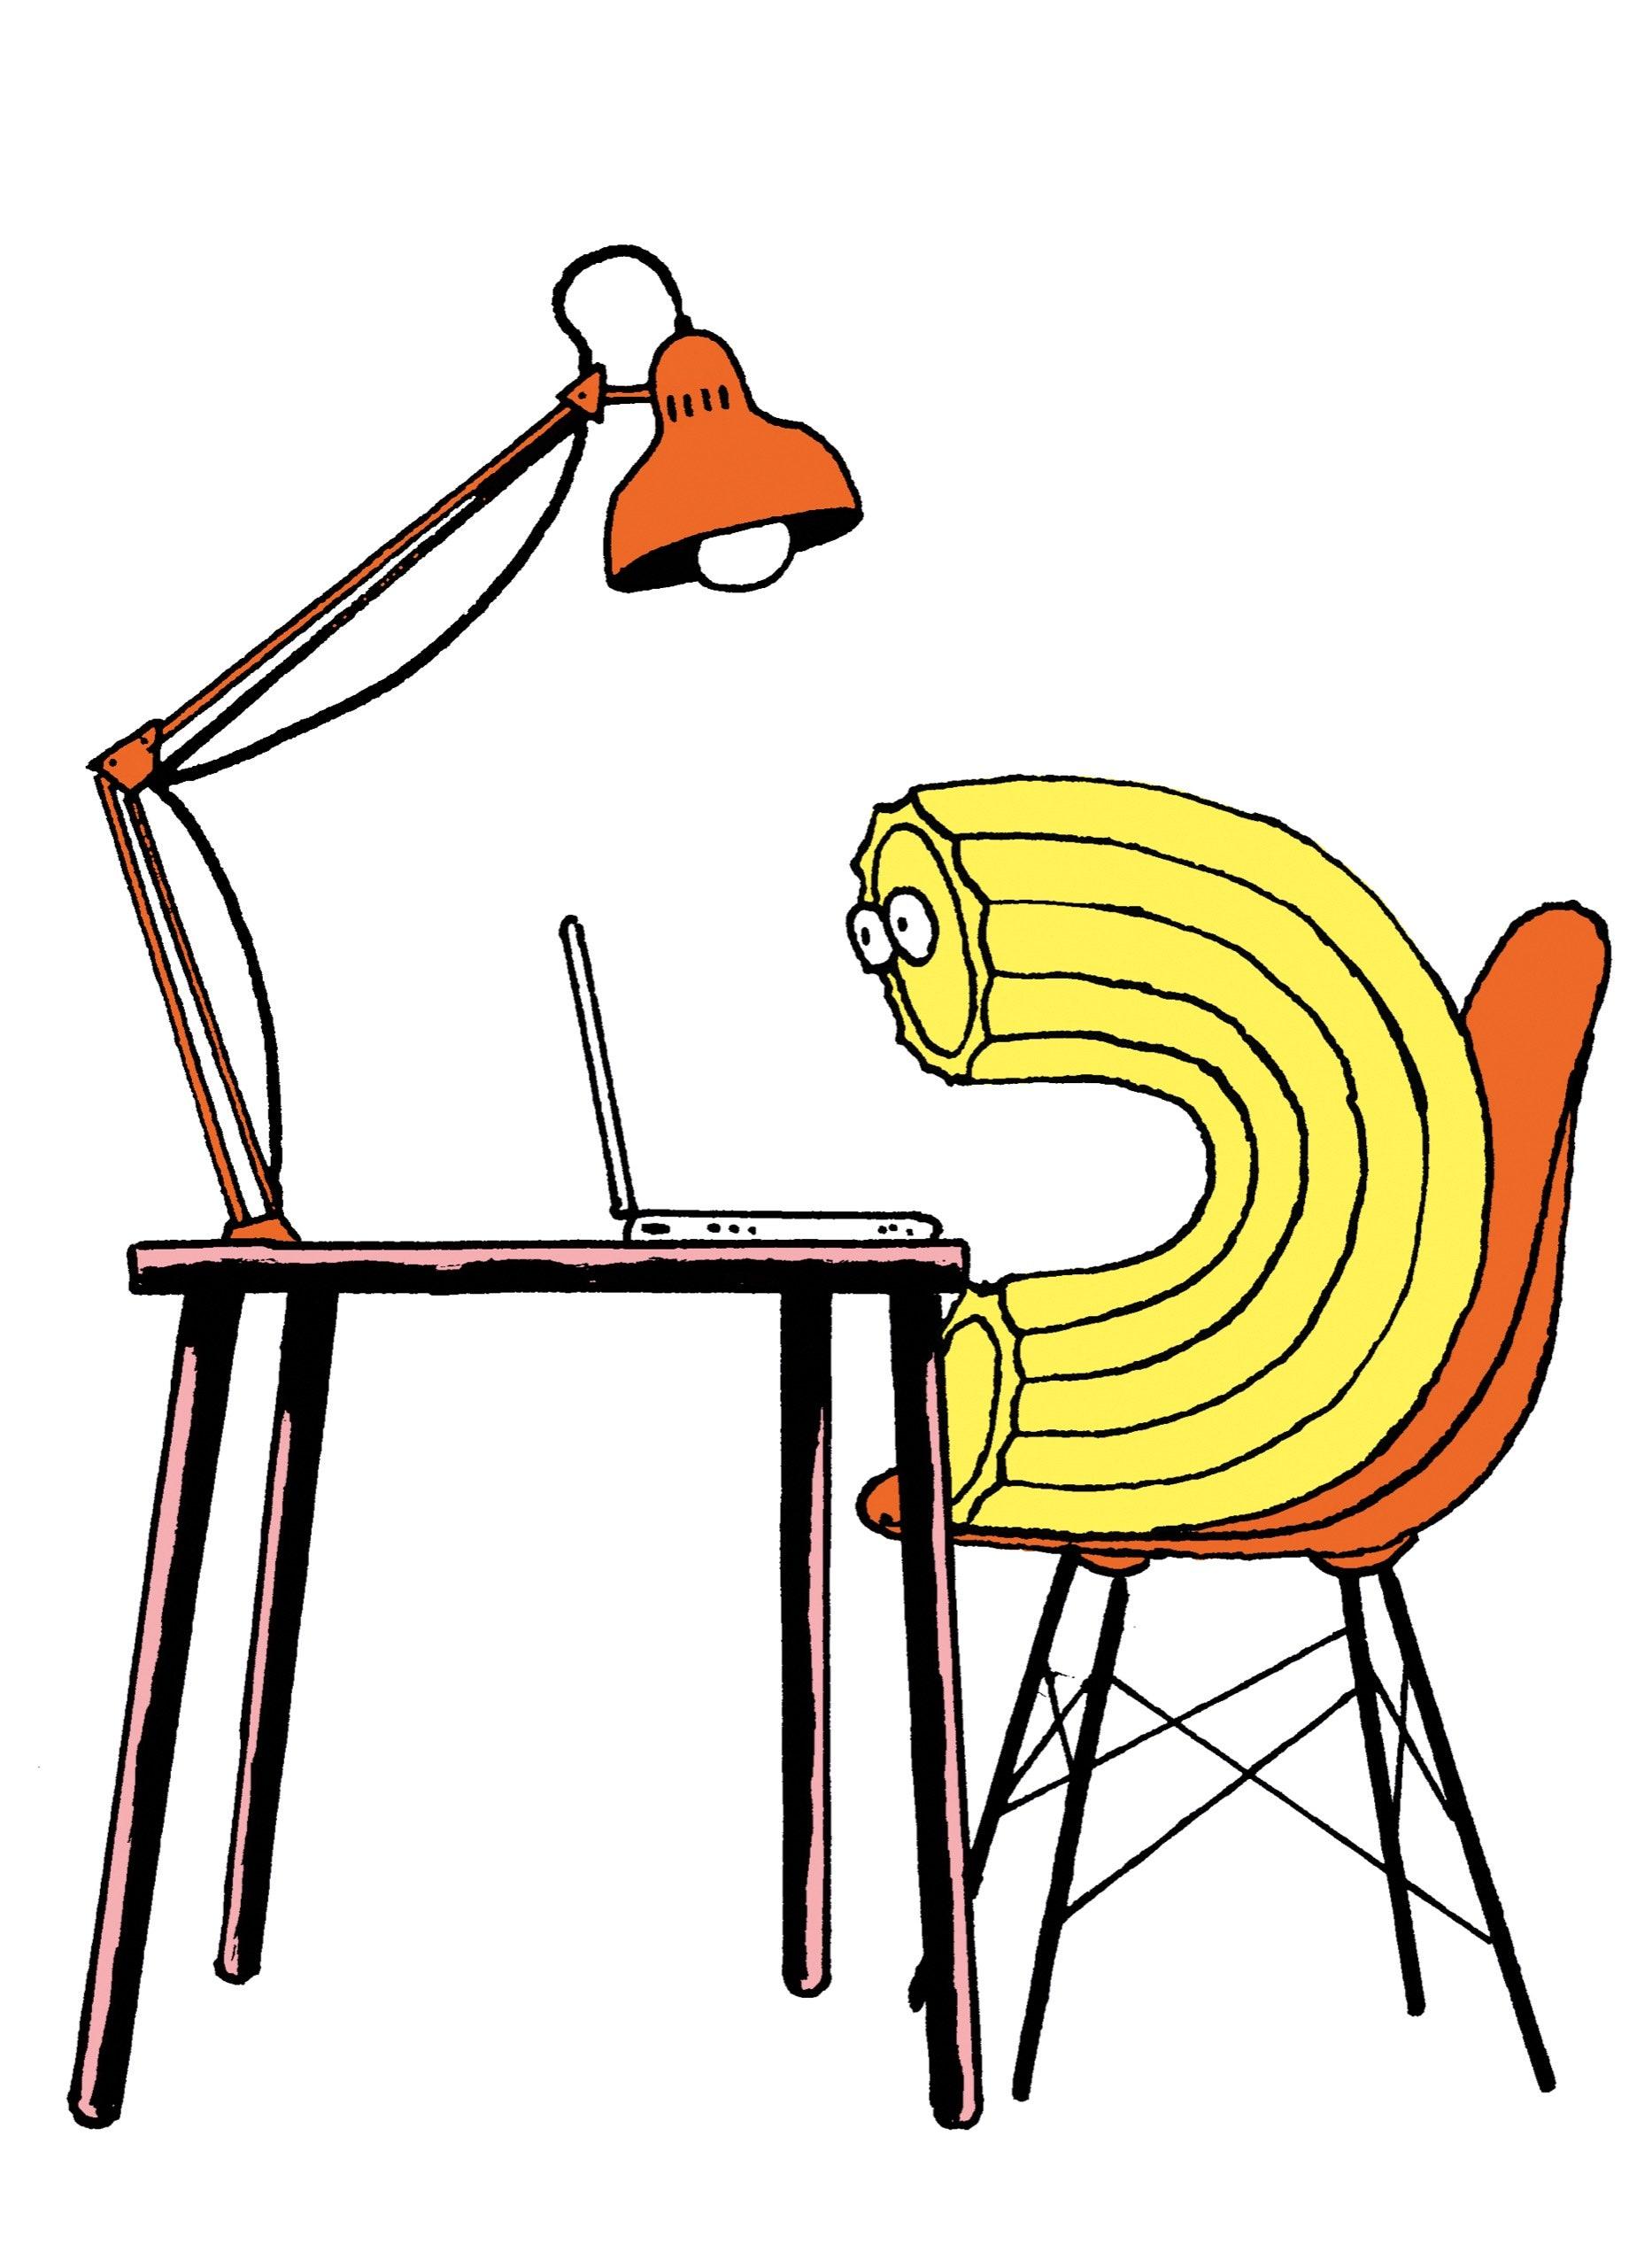 posture illustration